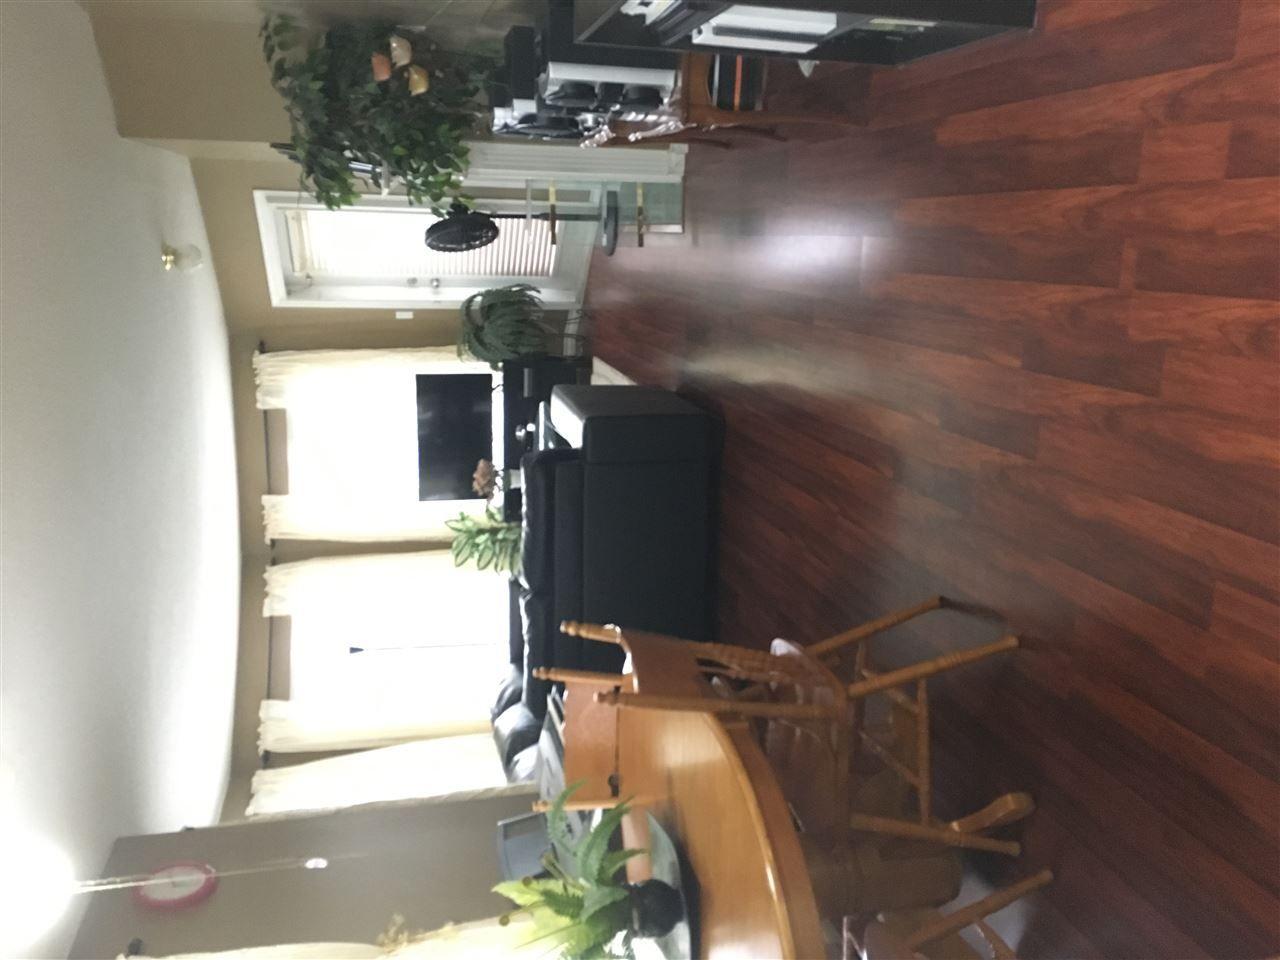 Photo 6: Photos: 106 15150 108TH AVENUE in Surrey: Bolivar Heights Condo for sale (North Surrey)  : MLS®# R2148396